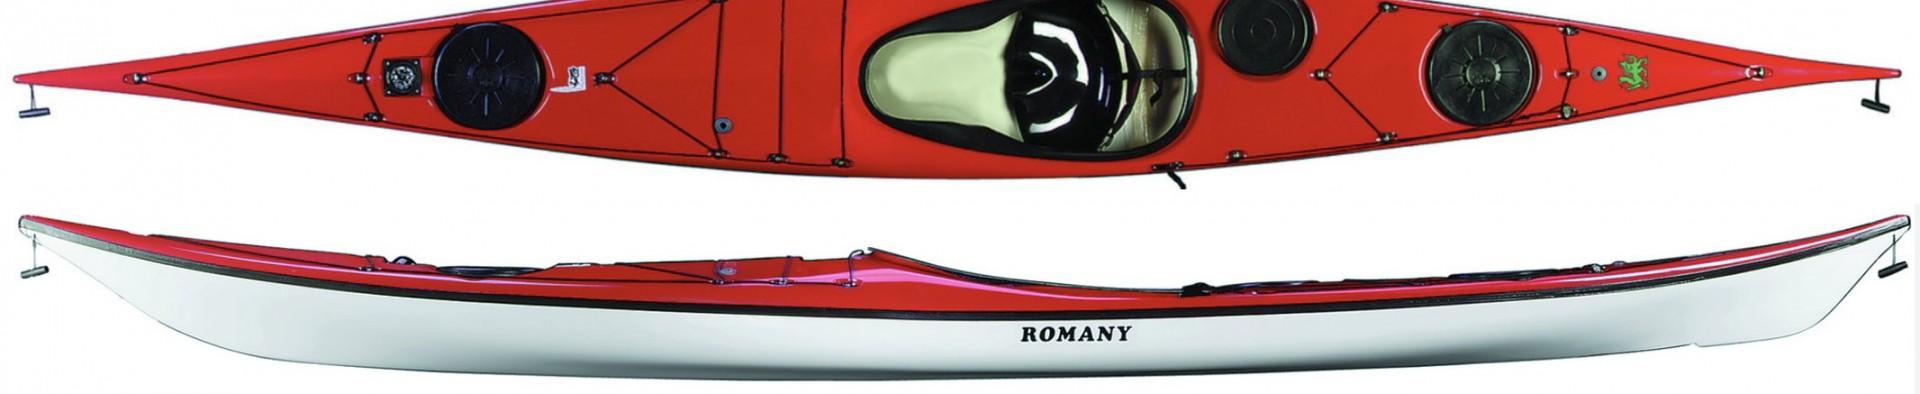 NDK Romany Classic sea kayak